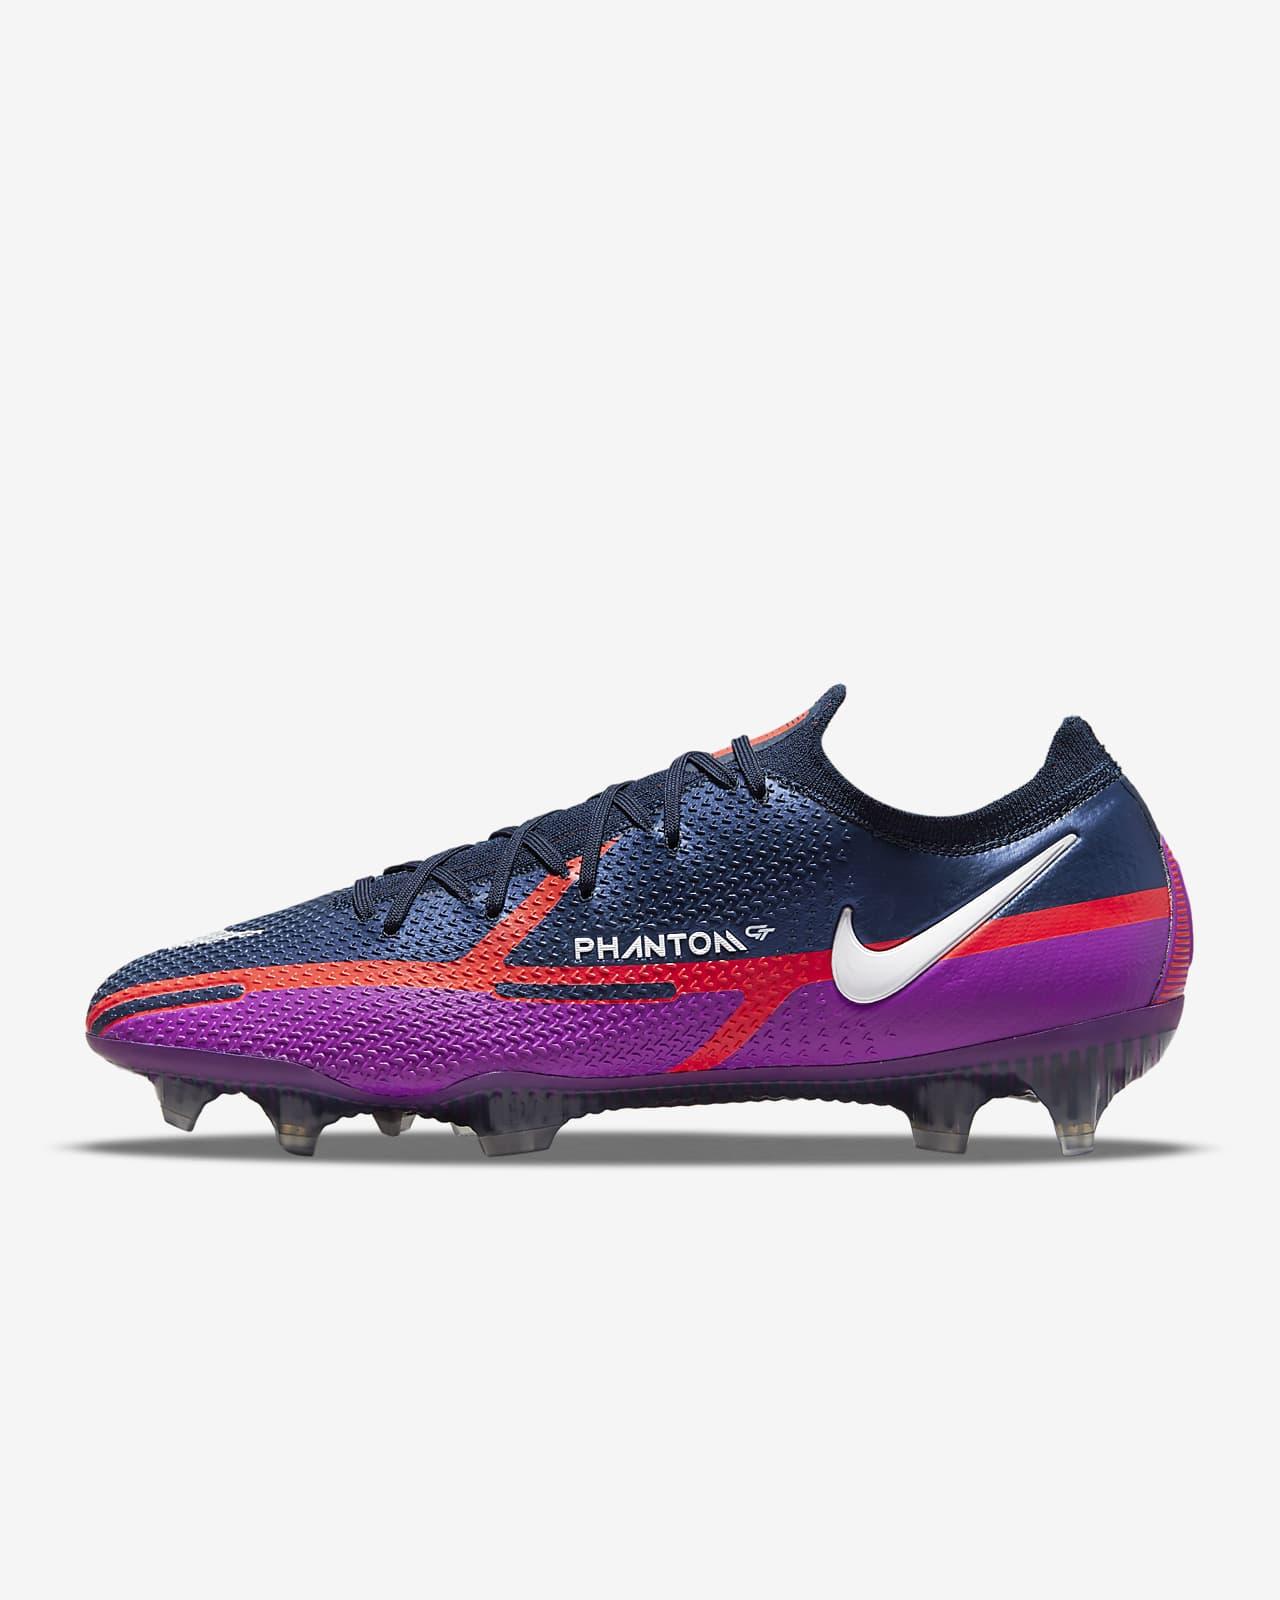 Nike Phantom GT2 Elite FG fotballsko til gress